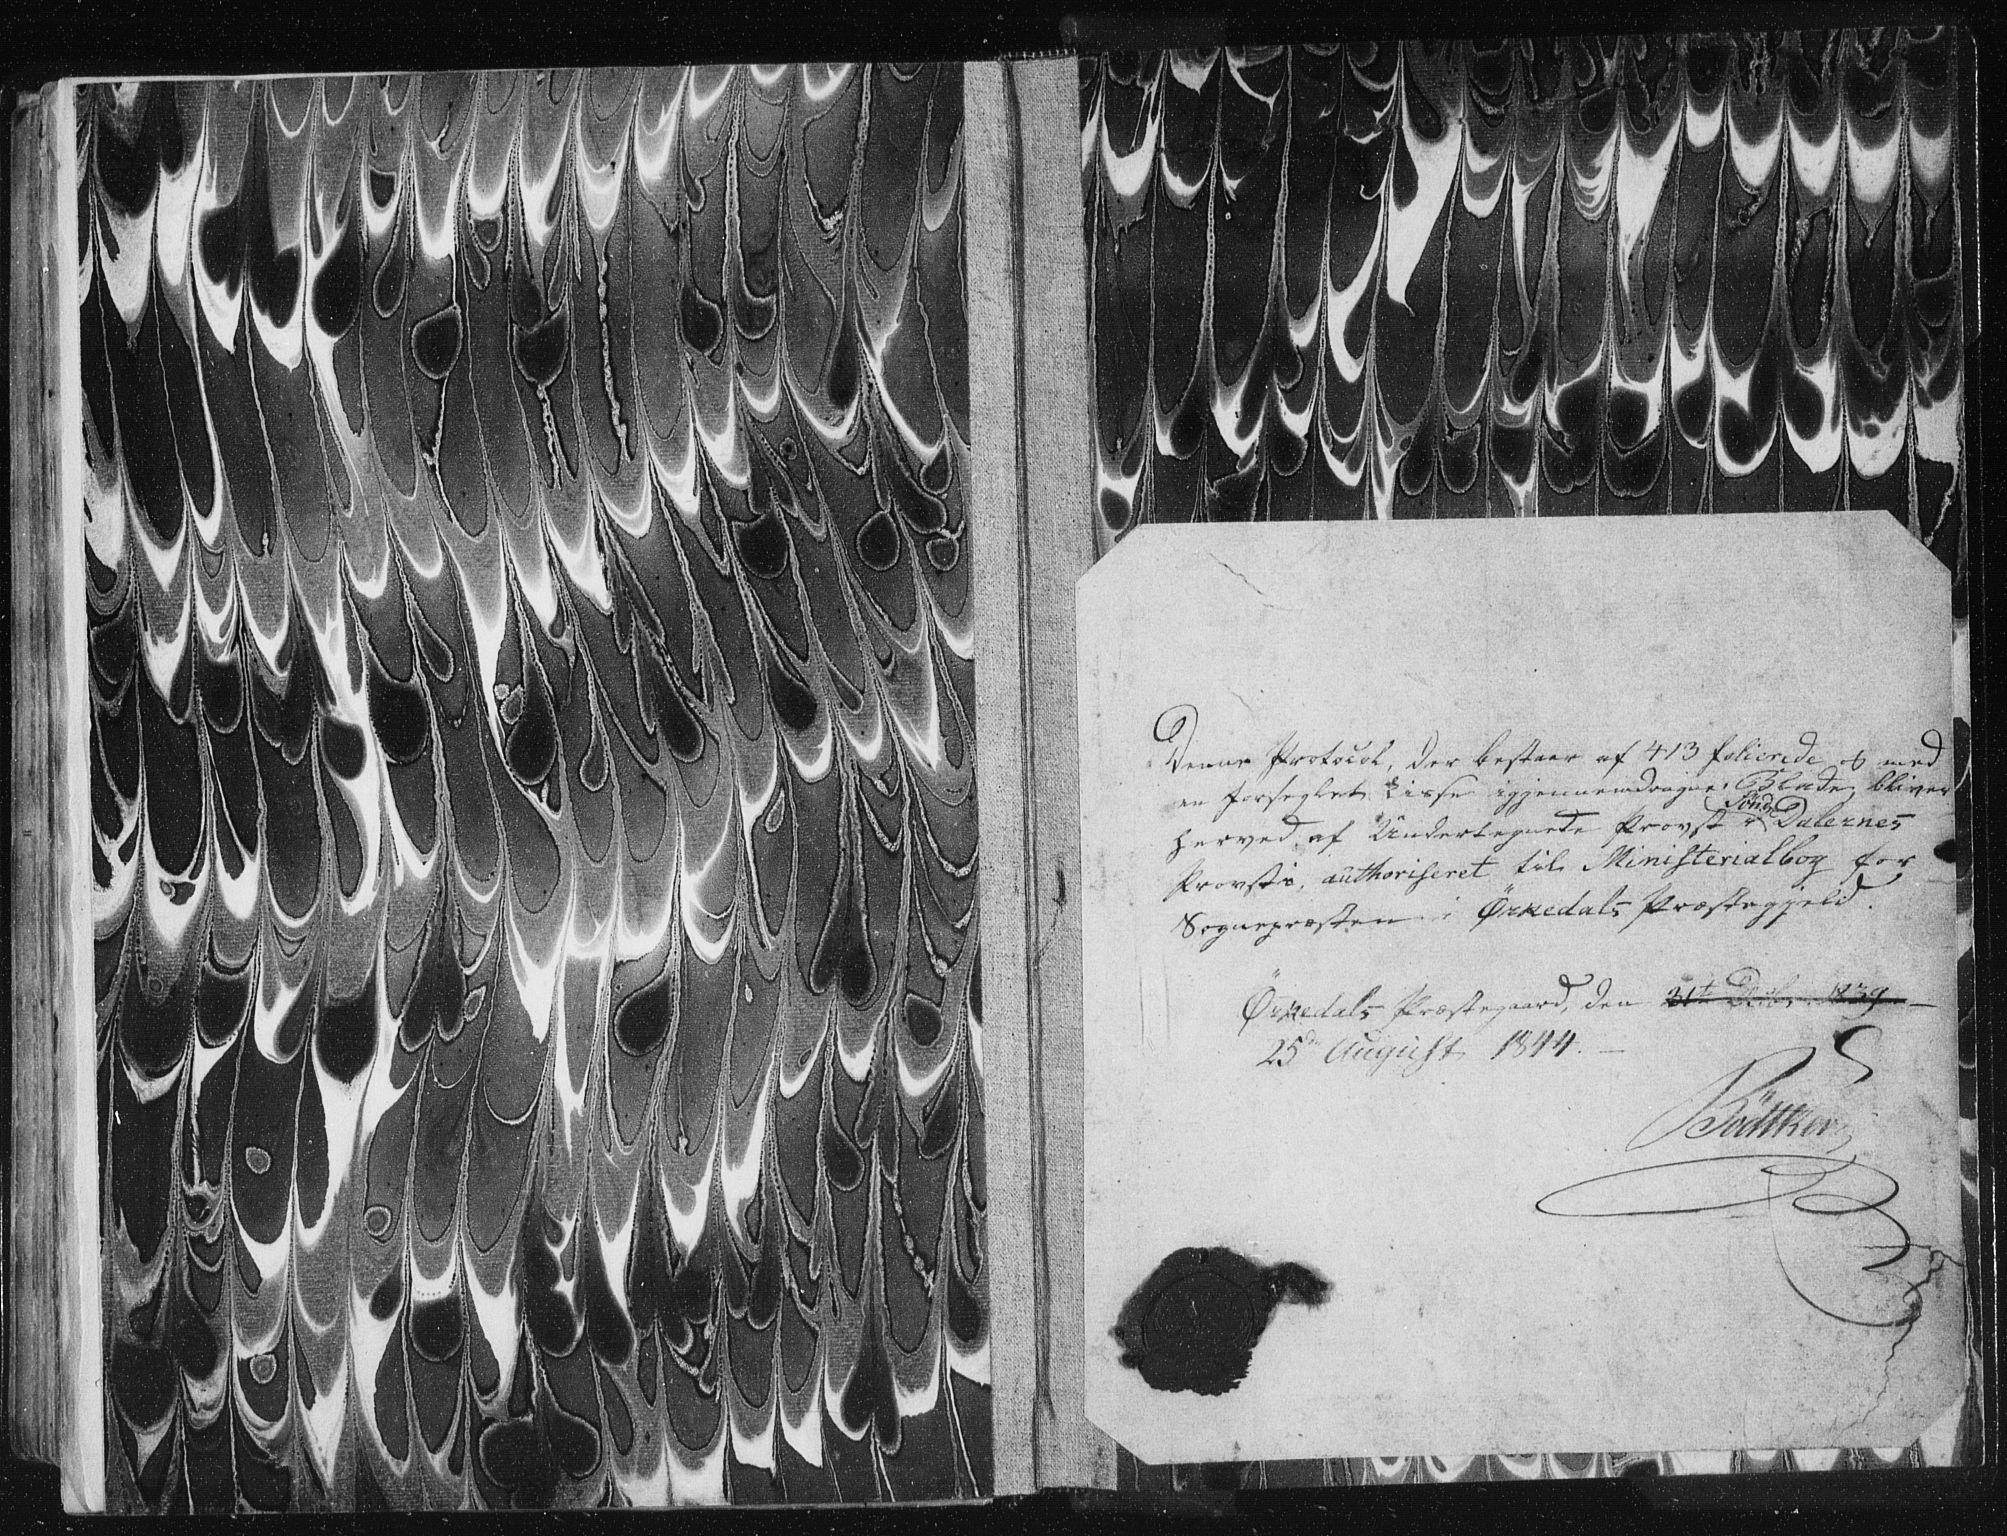 SAT, Ministerialprotokoller, klokkerbøker og fødselsregistre - Sør-Trøndelag, 668/L0805: Ministerialbok nr. 668A05, 1840-1853